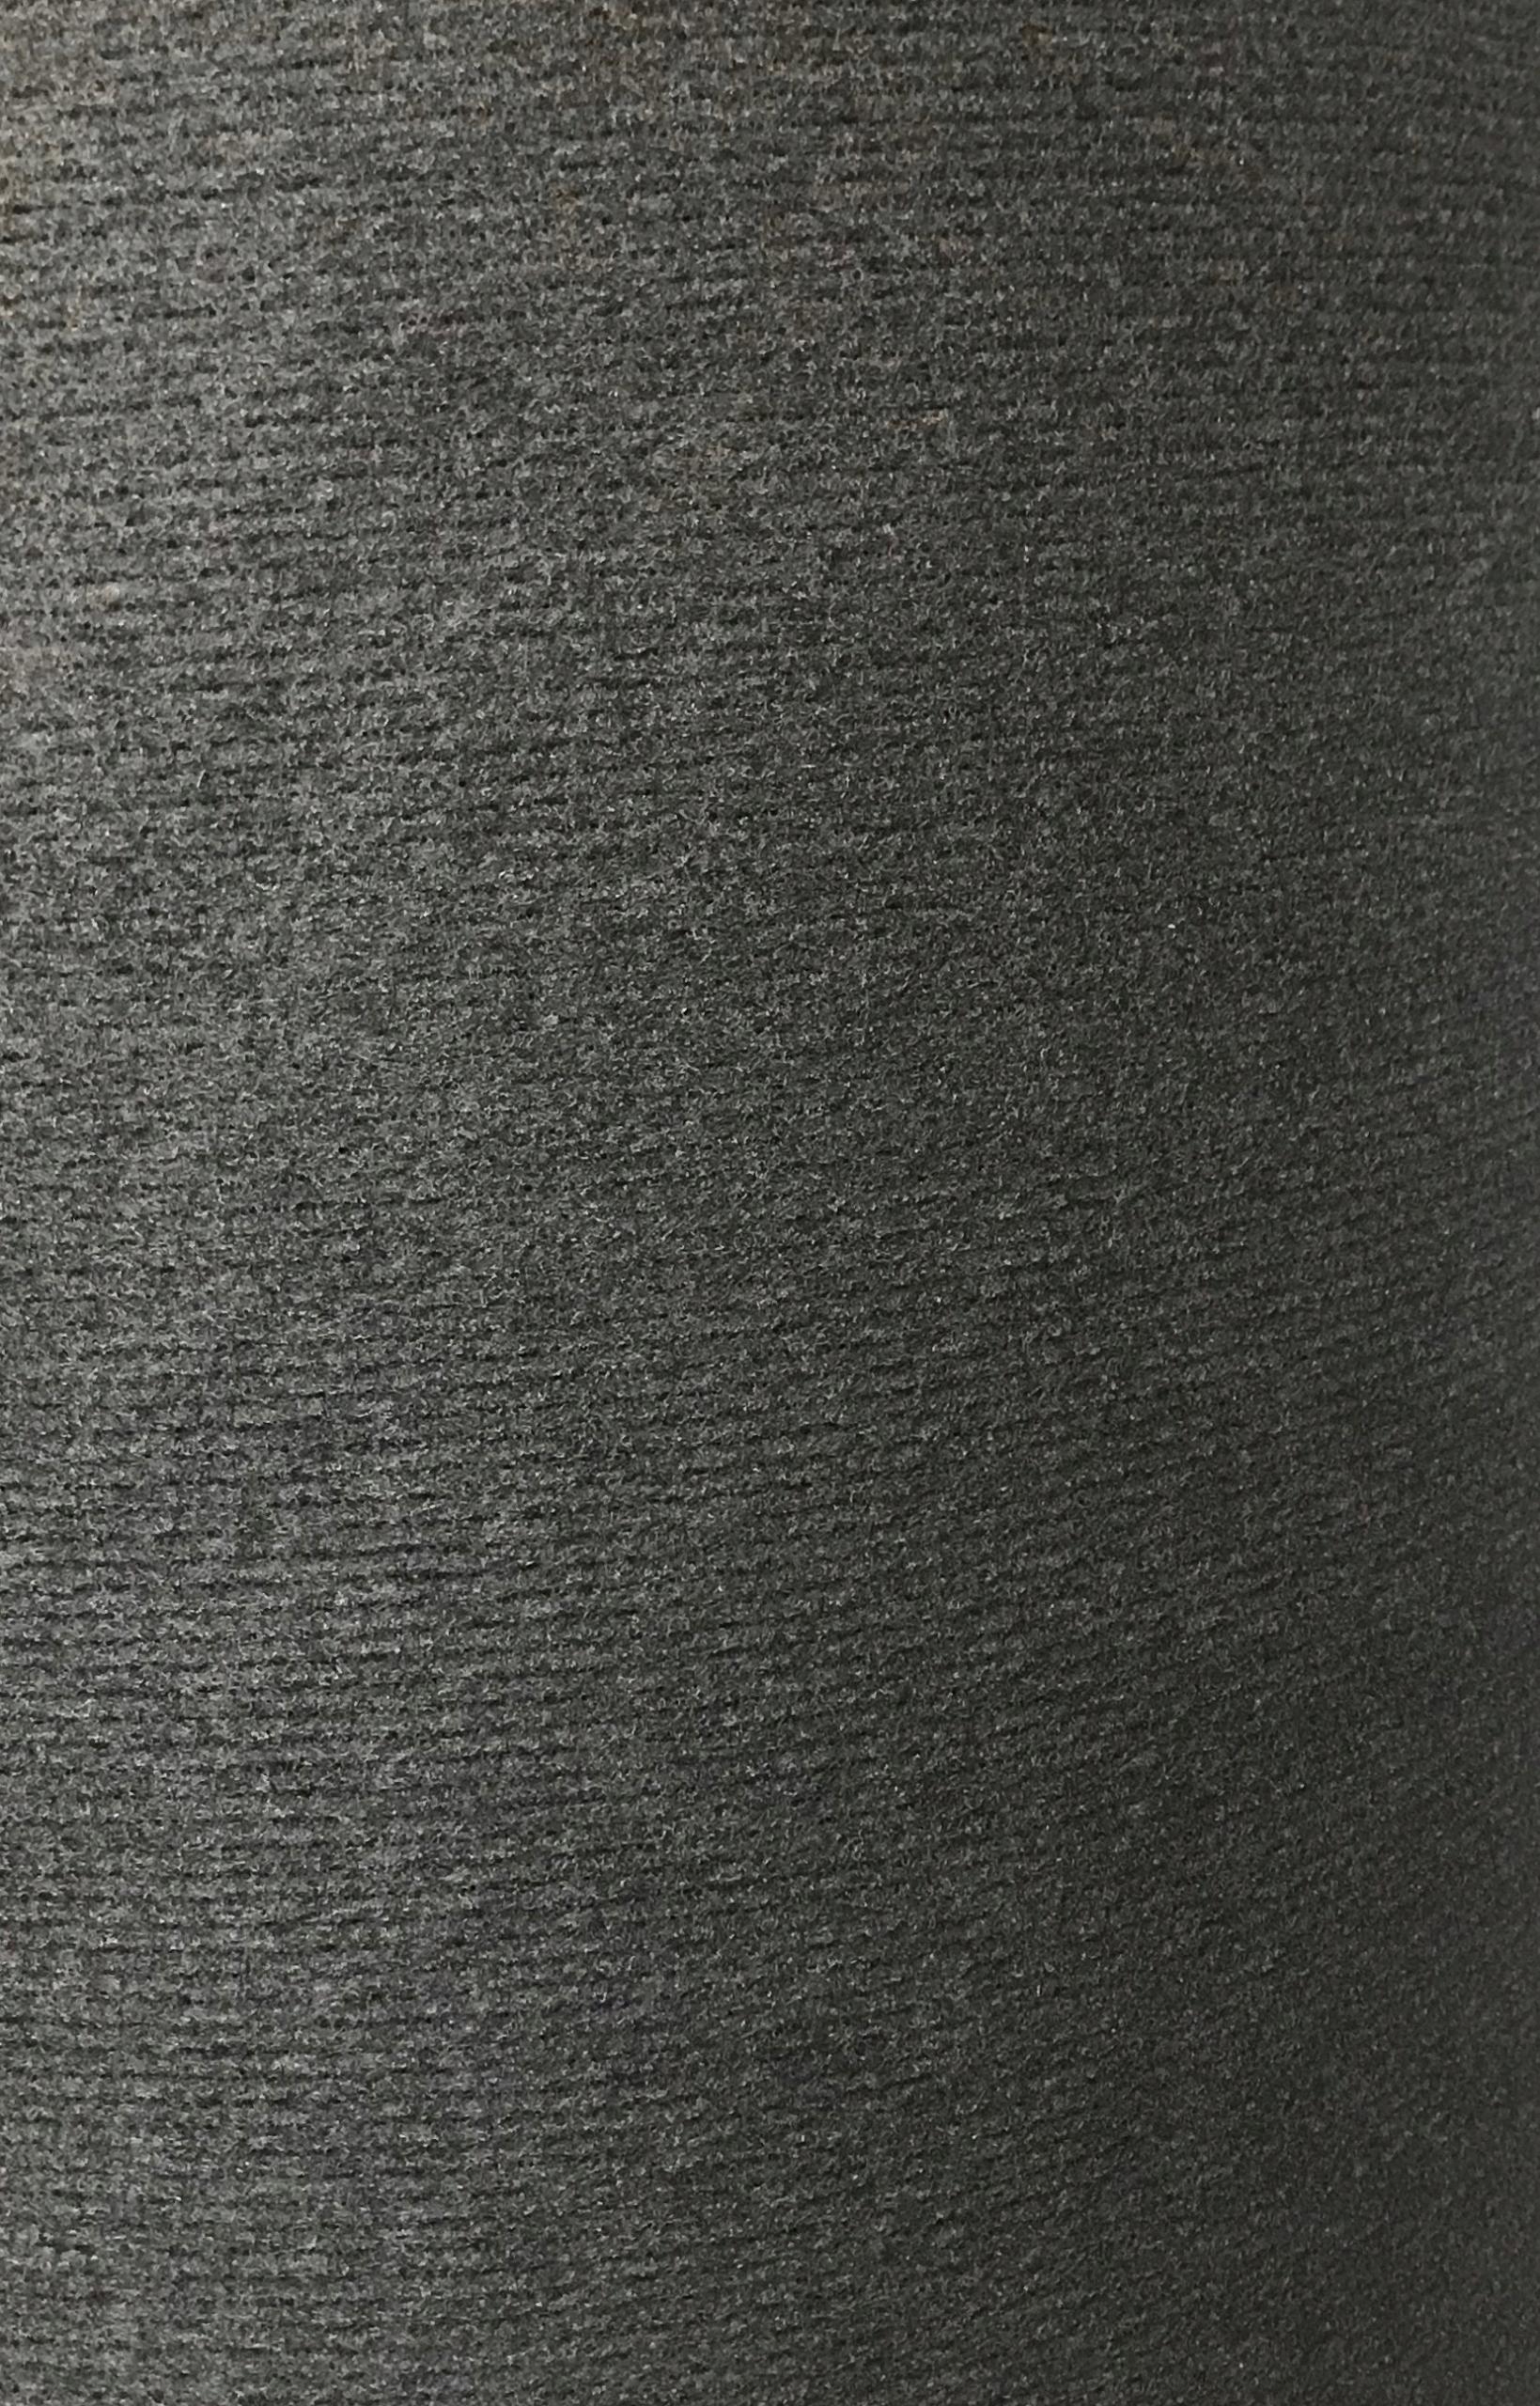 ковровое автомобильная черная 320gr премиум